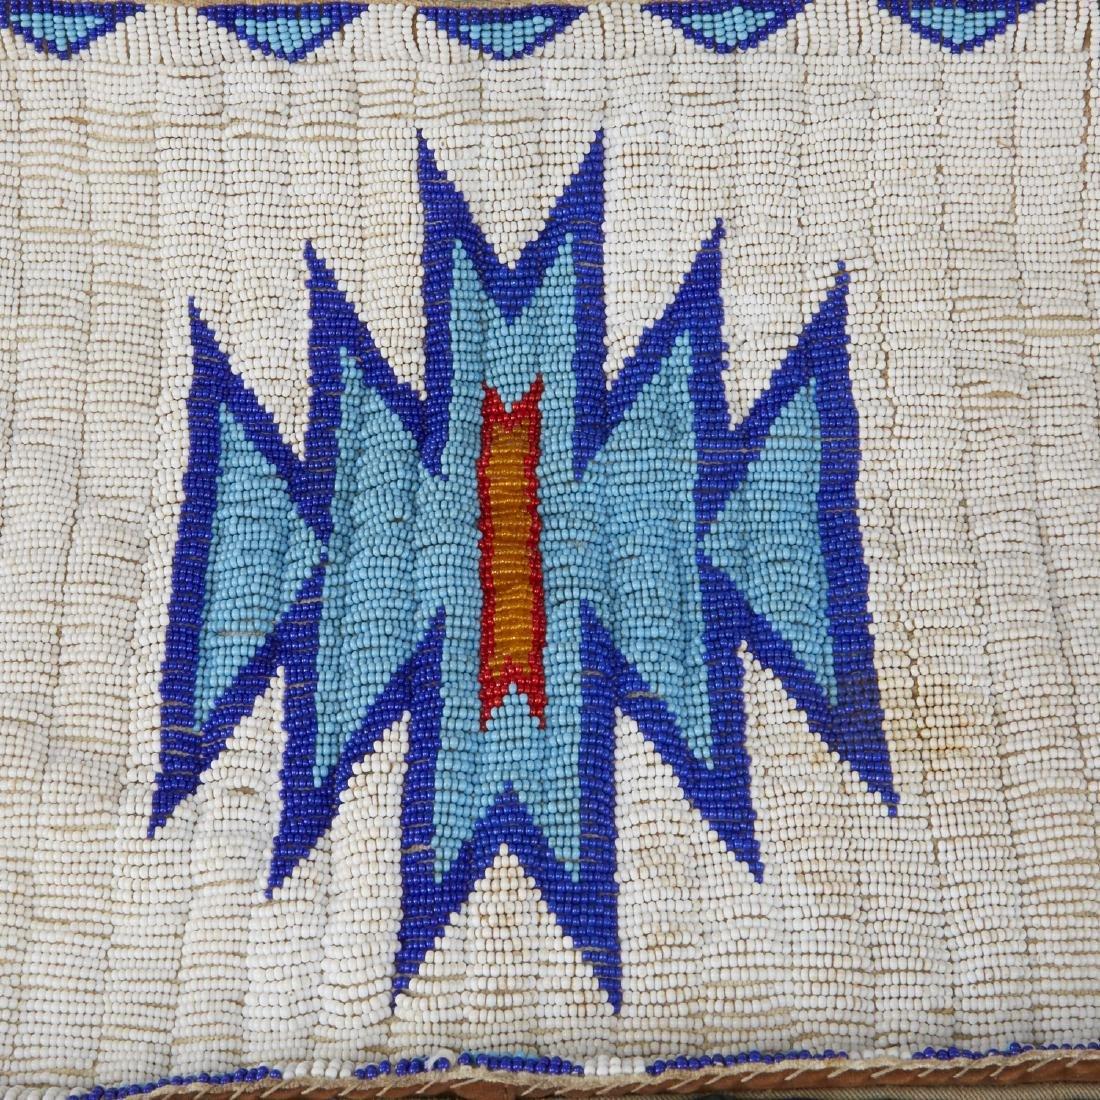 6 Native American Beaded Objects Cheyenne - 4